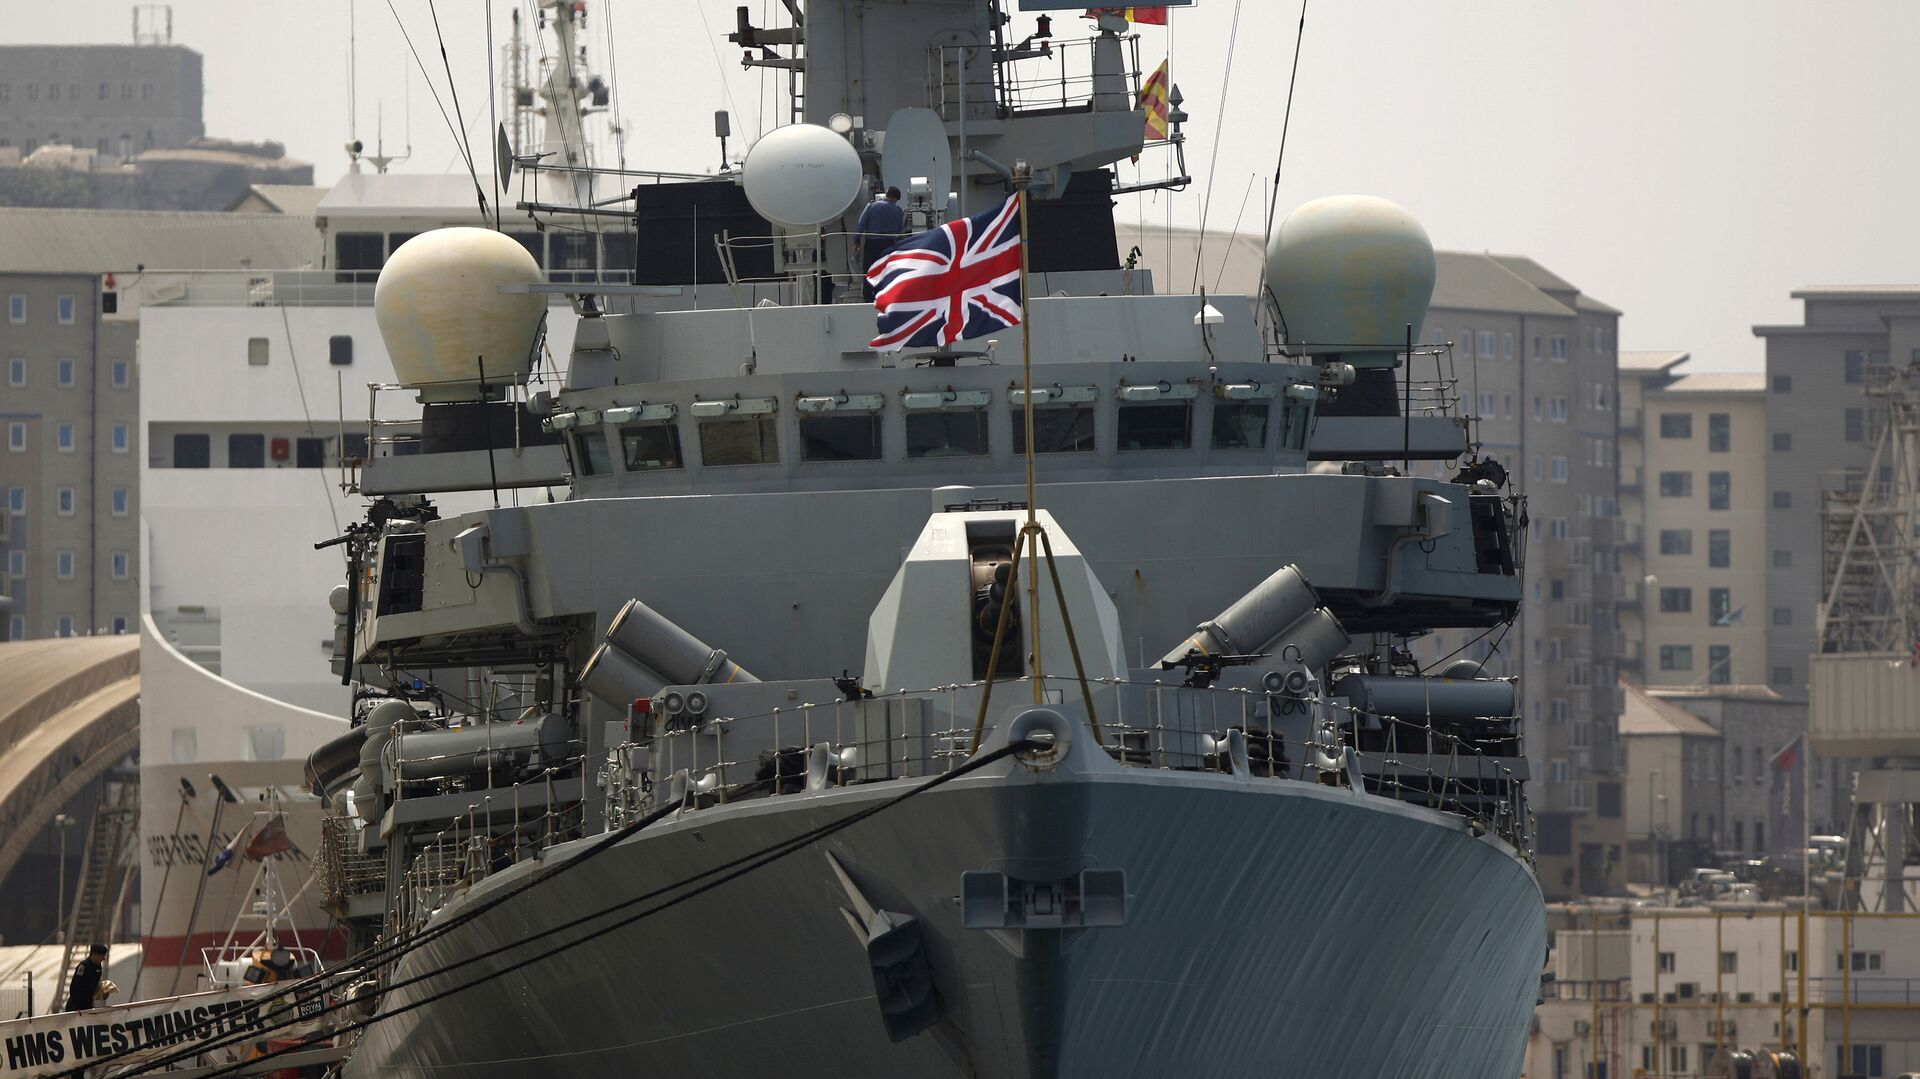 Британский военный корабль ВМС Westminster  - РИА Новости, 1920, 17.07.2021